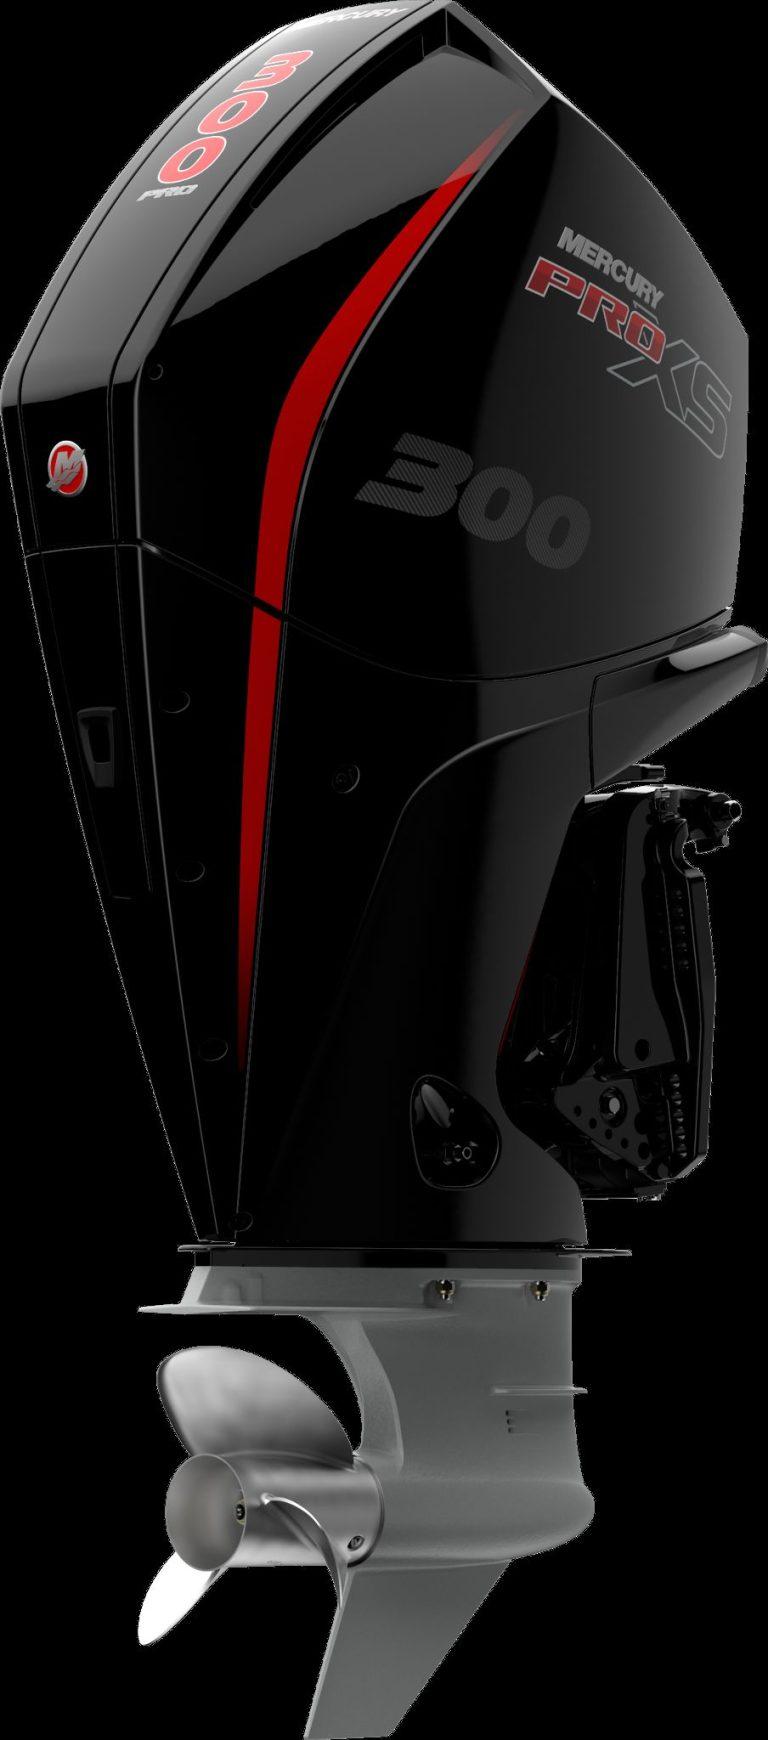 PRO XS 300